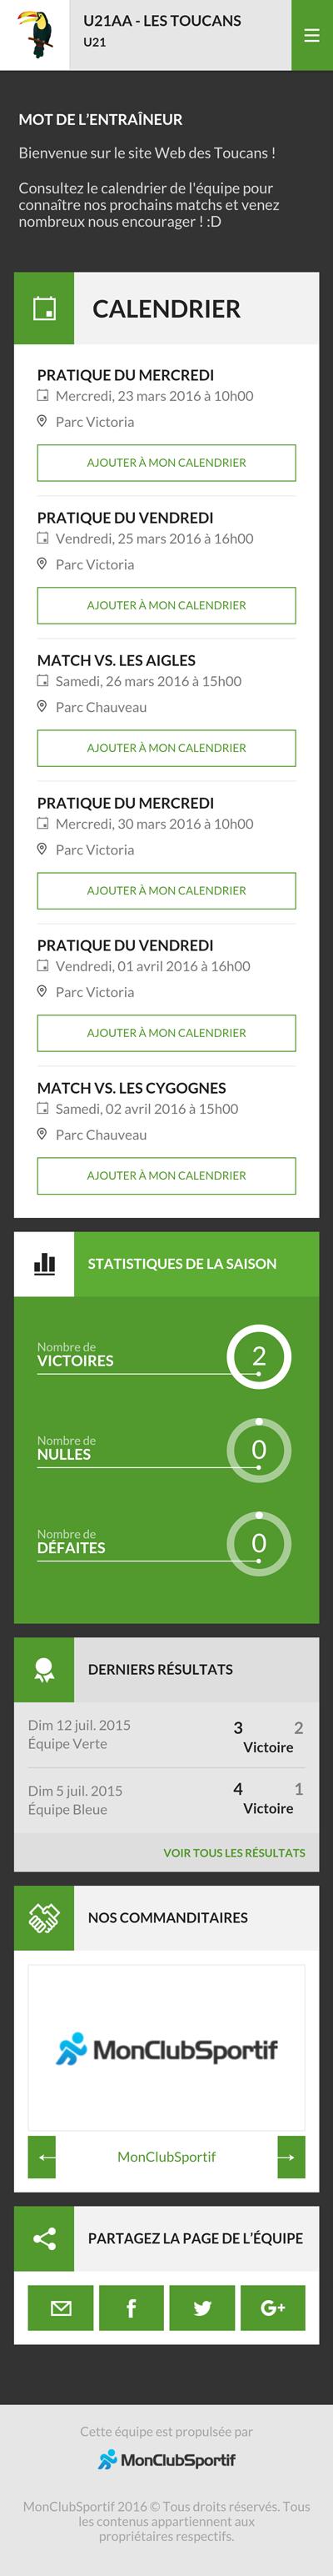 Version mobile - Aperçu du site web de l'équipe